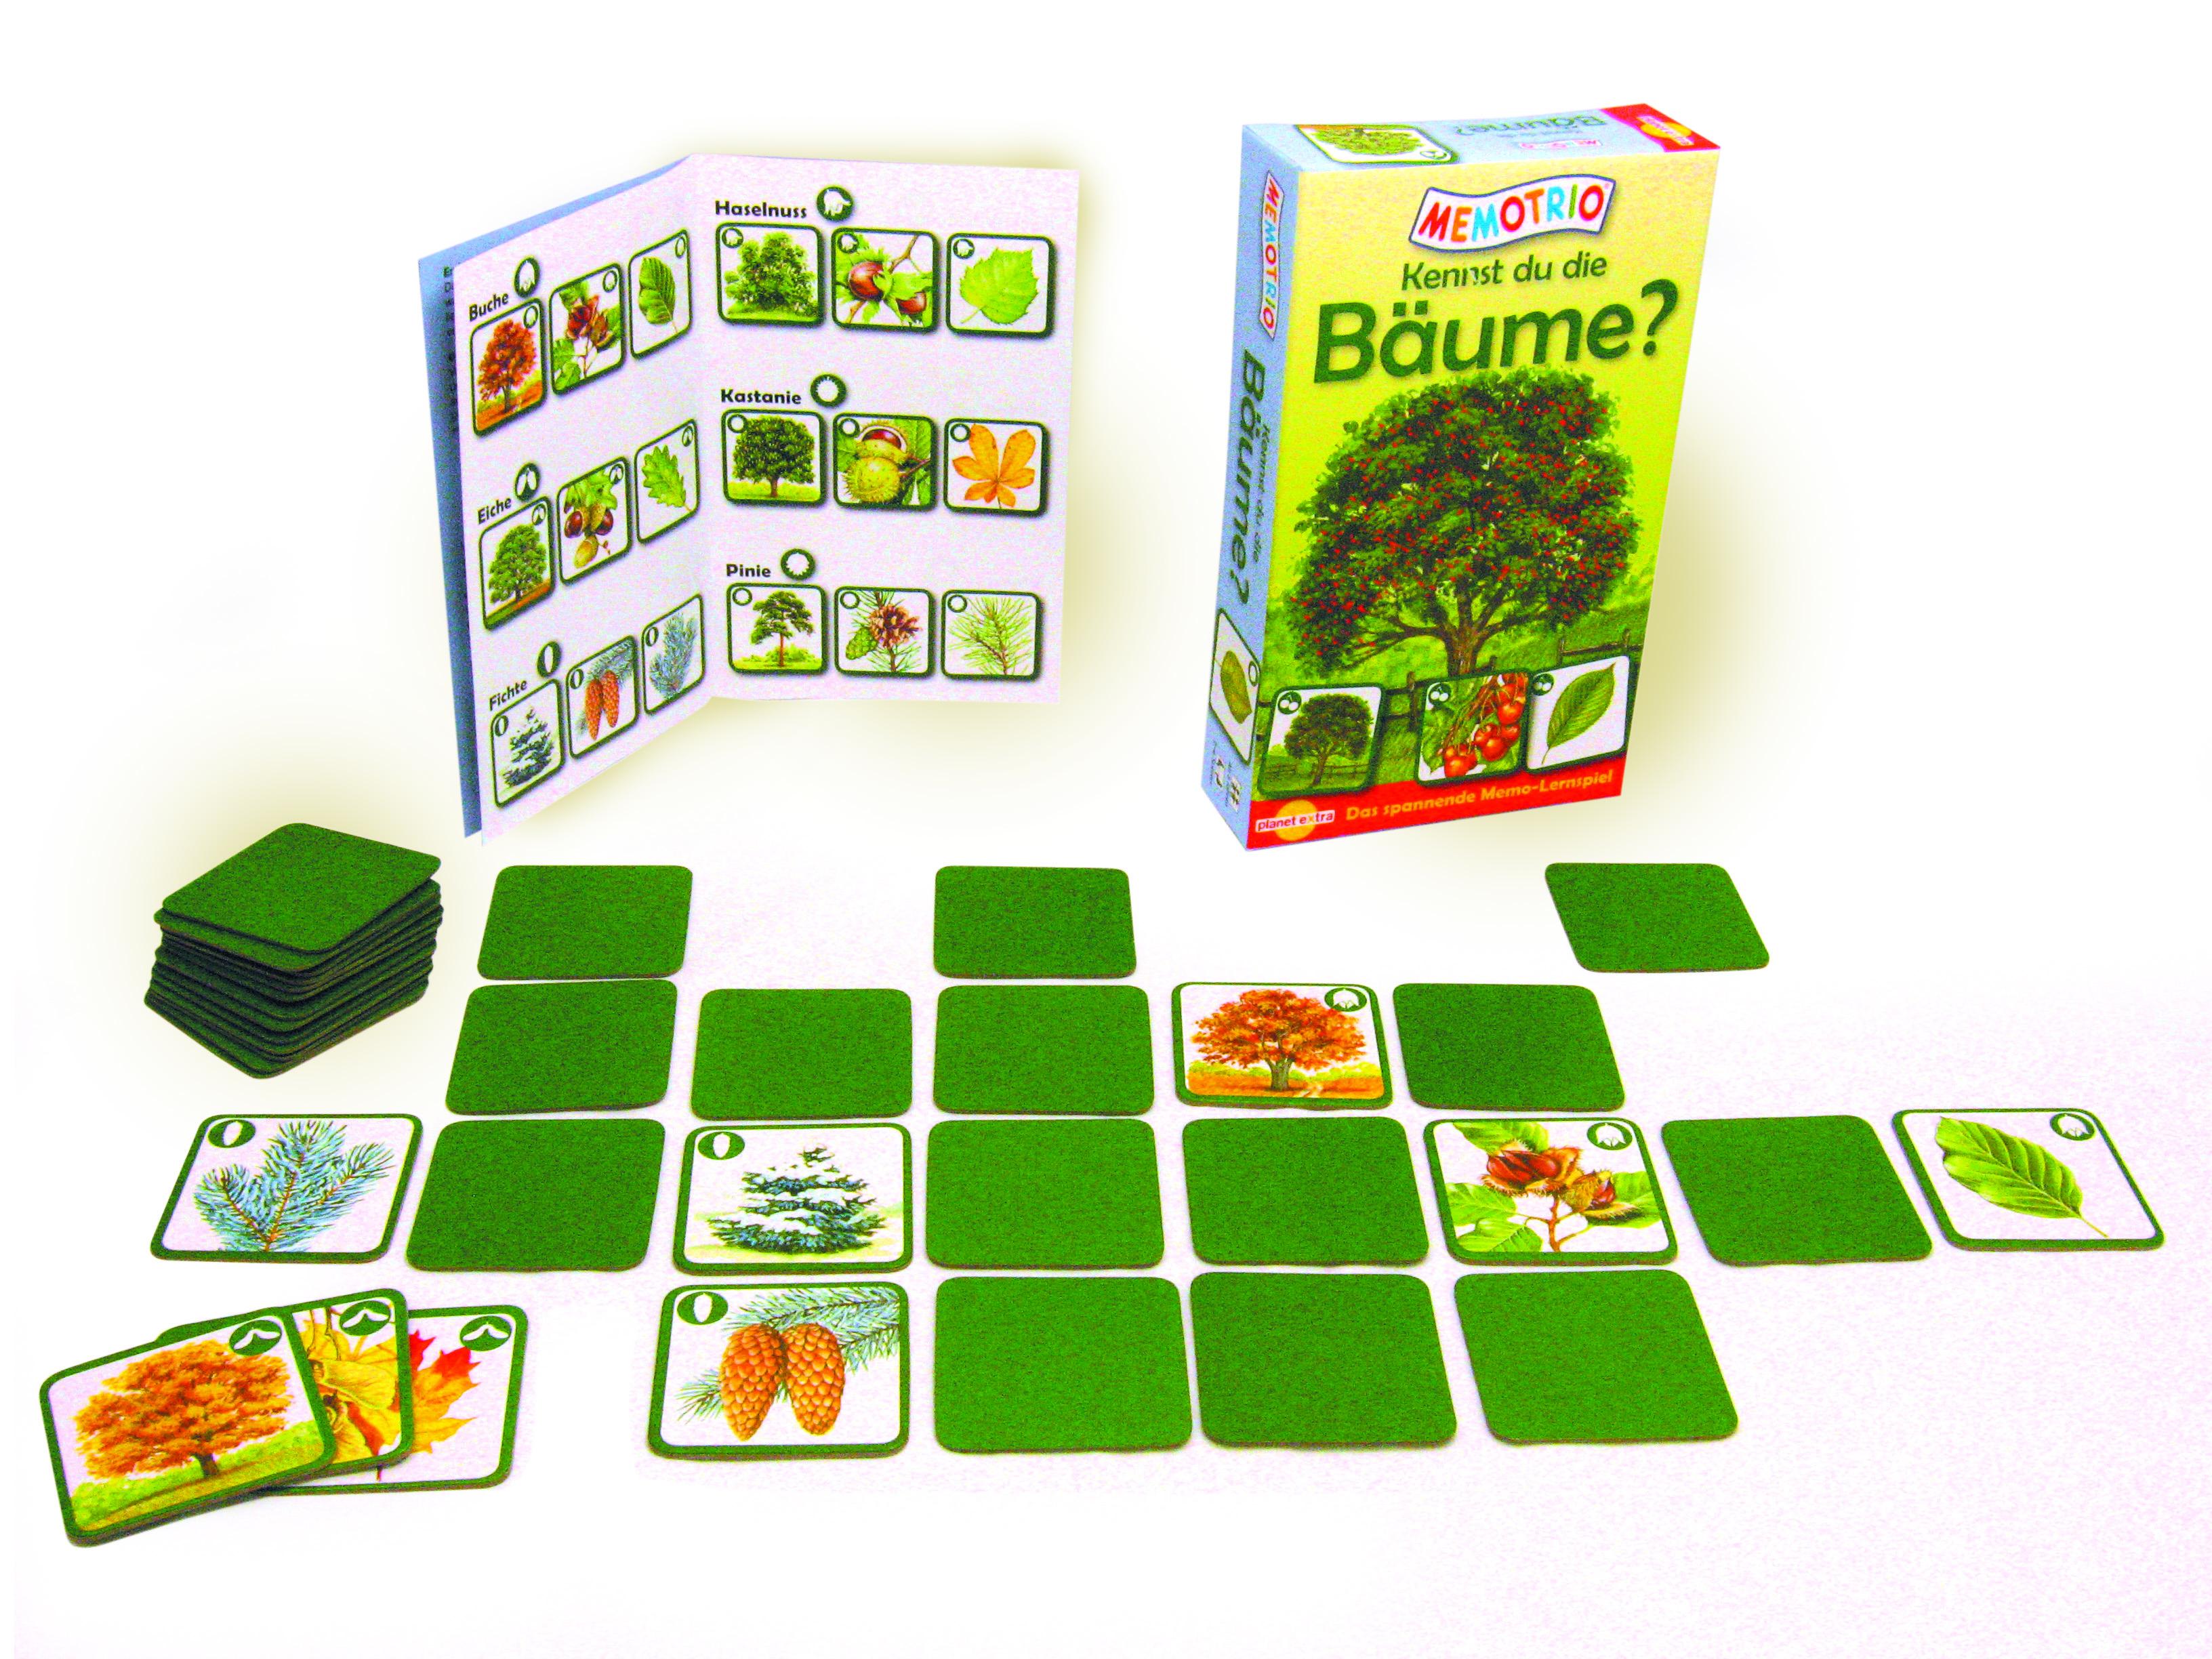 23112-pres-Baume-2011_1